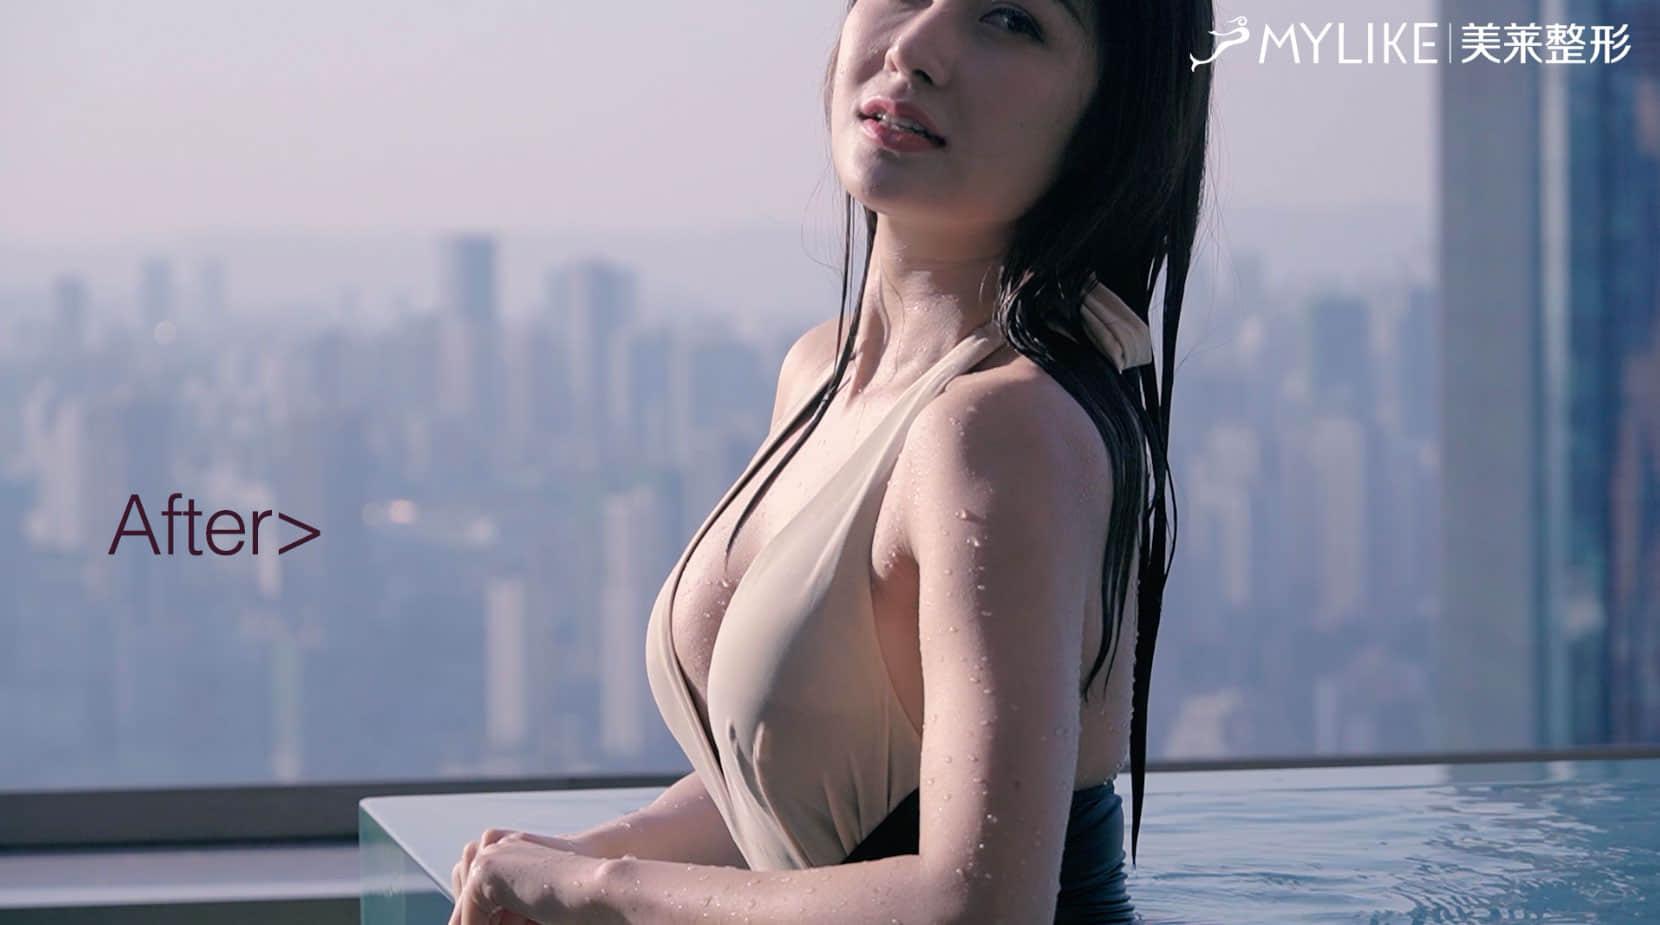 重慶美萊丨維密真胸案例